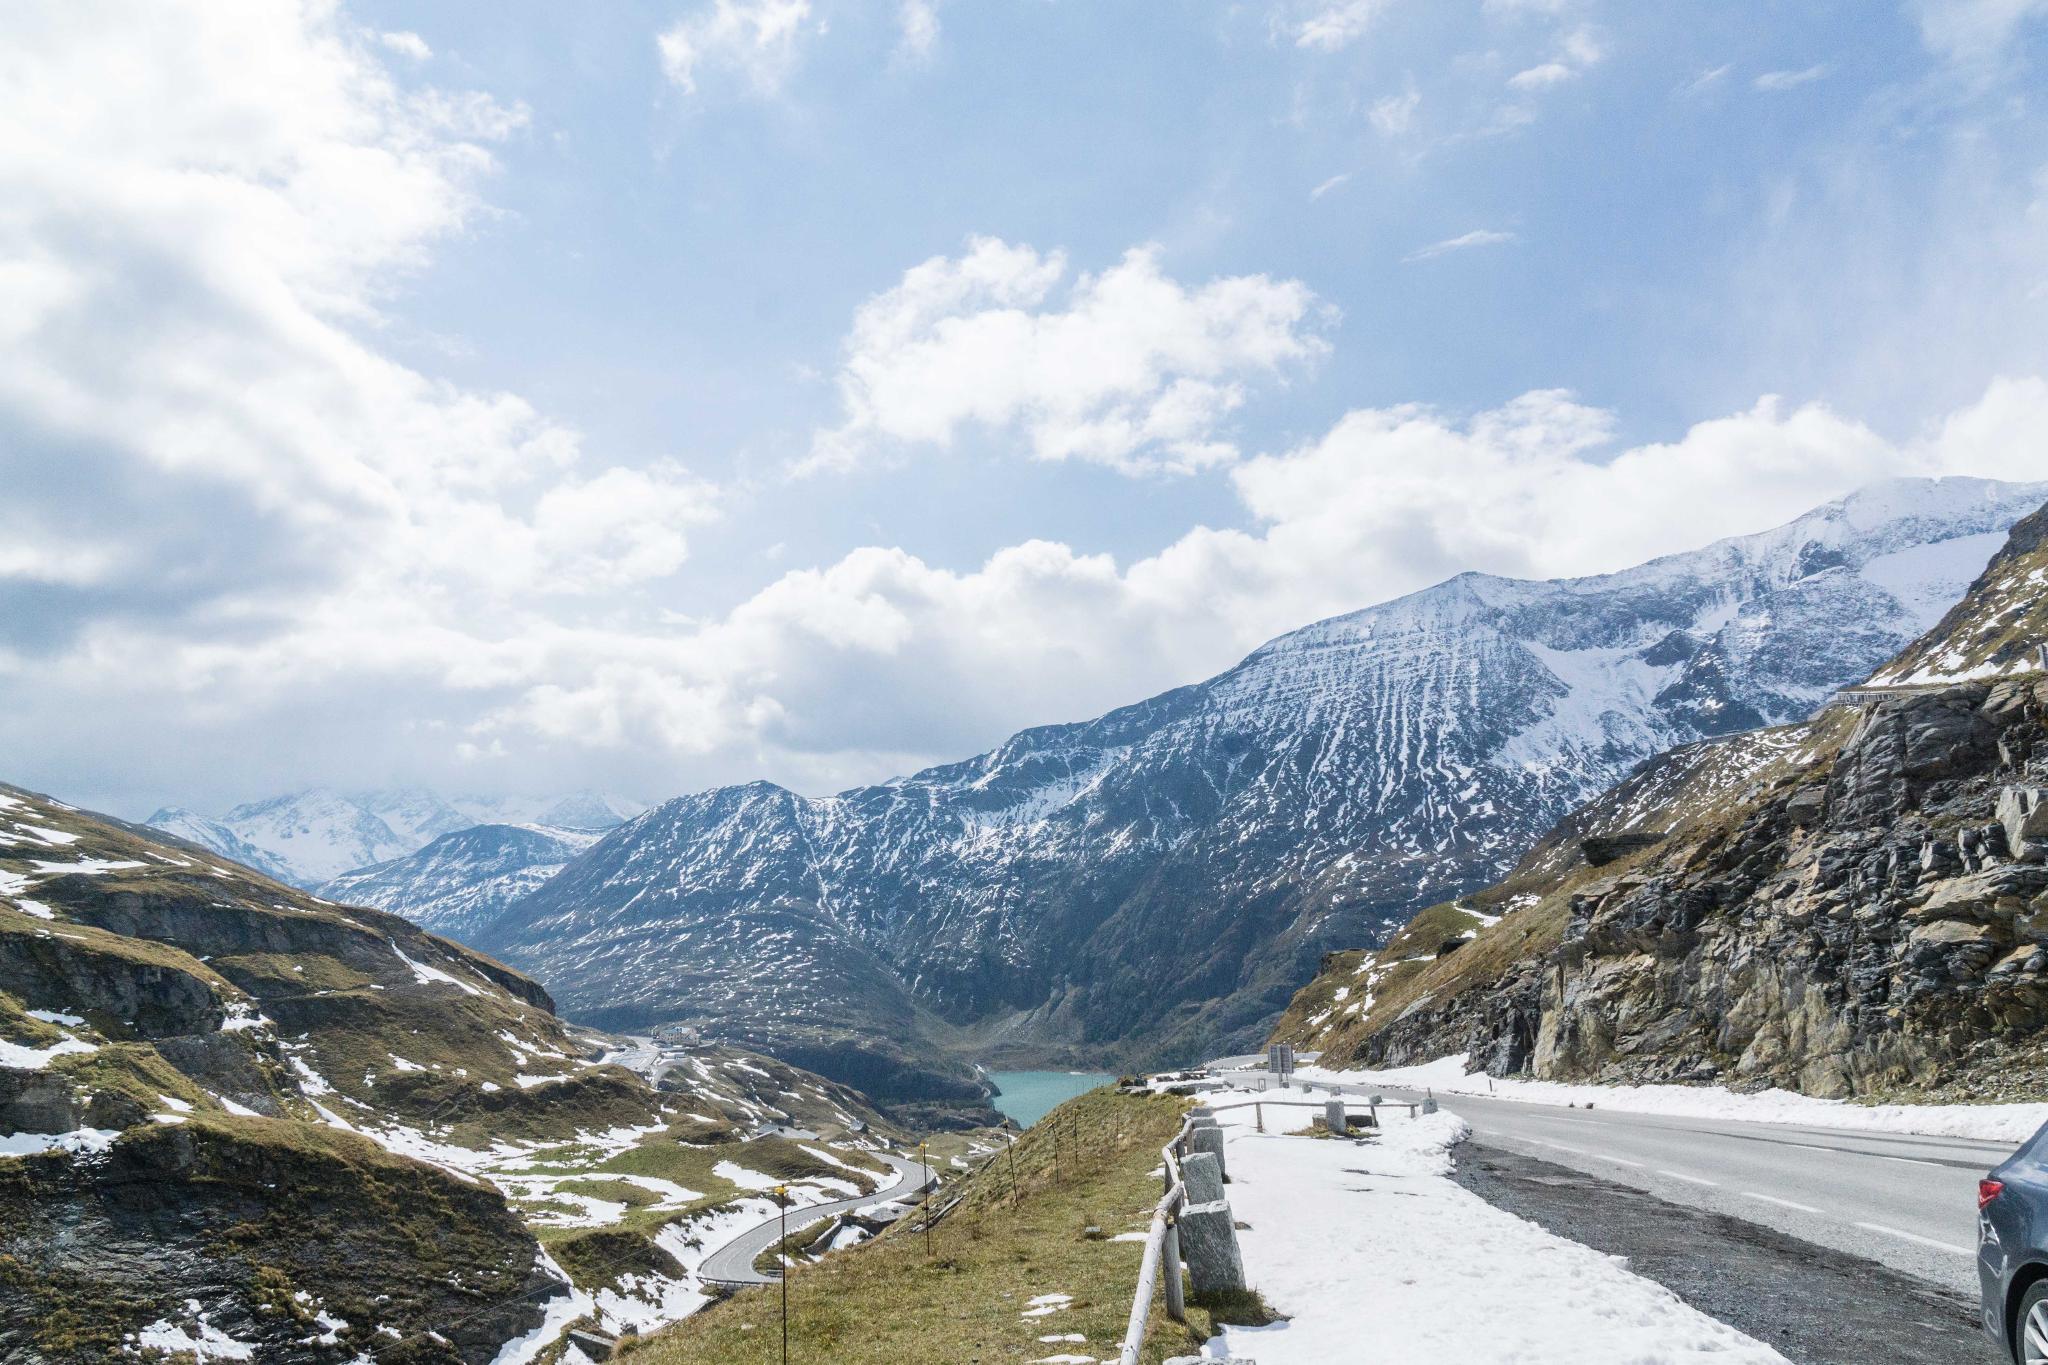 【奧地利】穿越阿爾卑斯之巔 — 奧地利大鐘山冰河公路 (Grossglockner High Alpine Road) 24